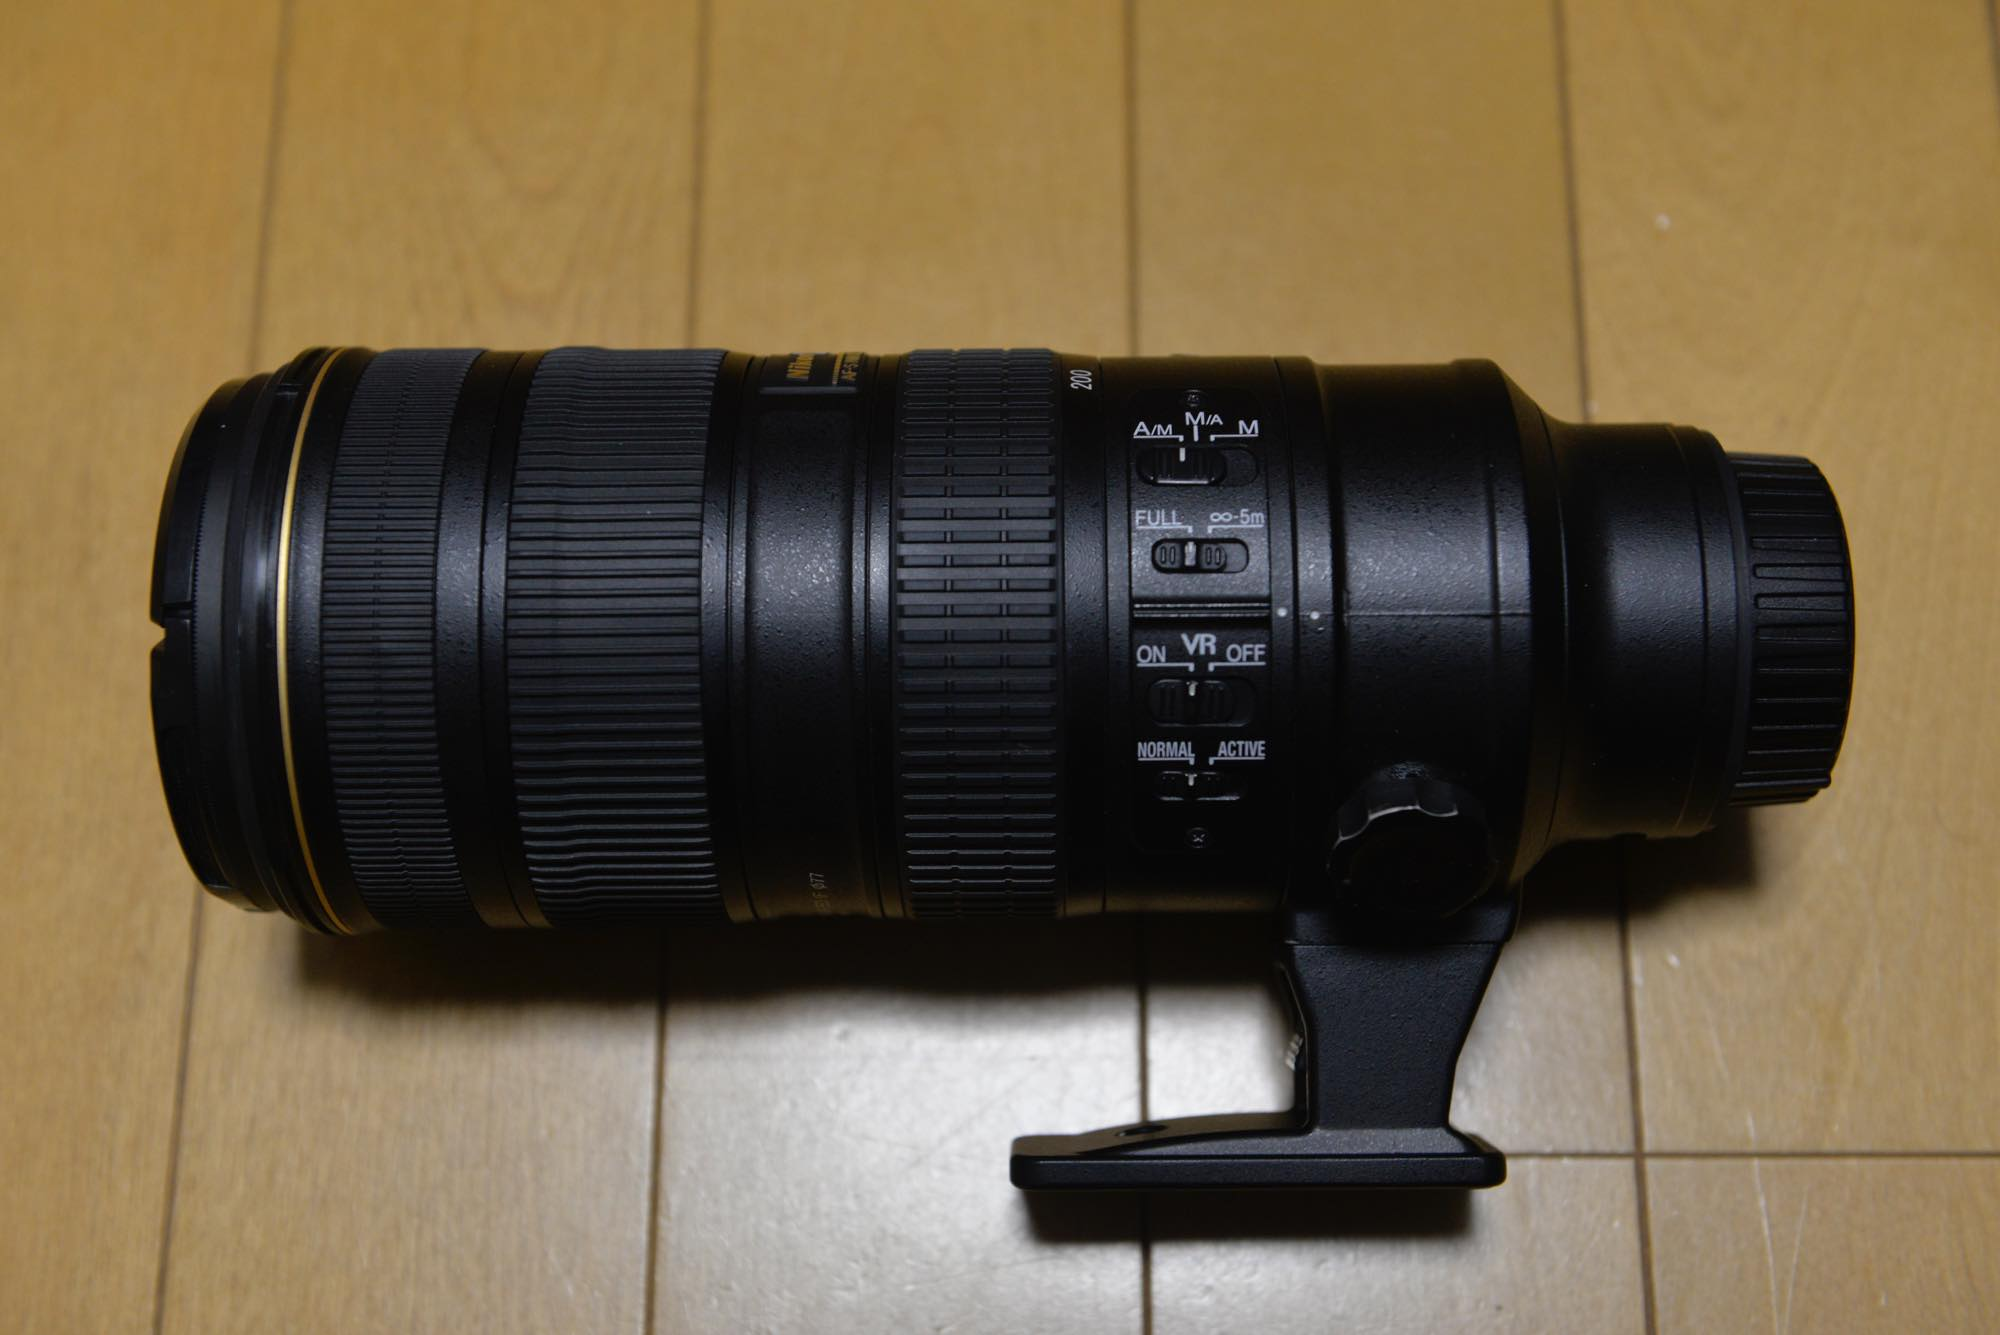 AF-S NIKKOR 70-200mm f/2.8G ED VR II購入!!これで風景もポートレートもばっちし!